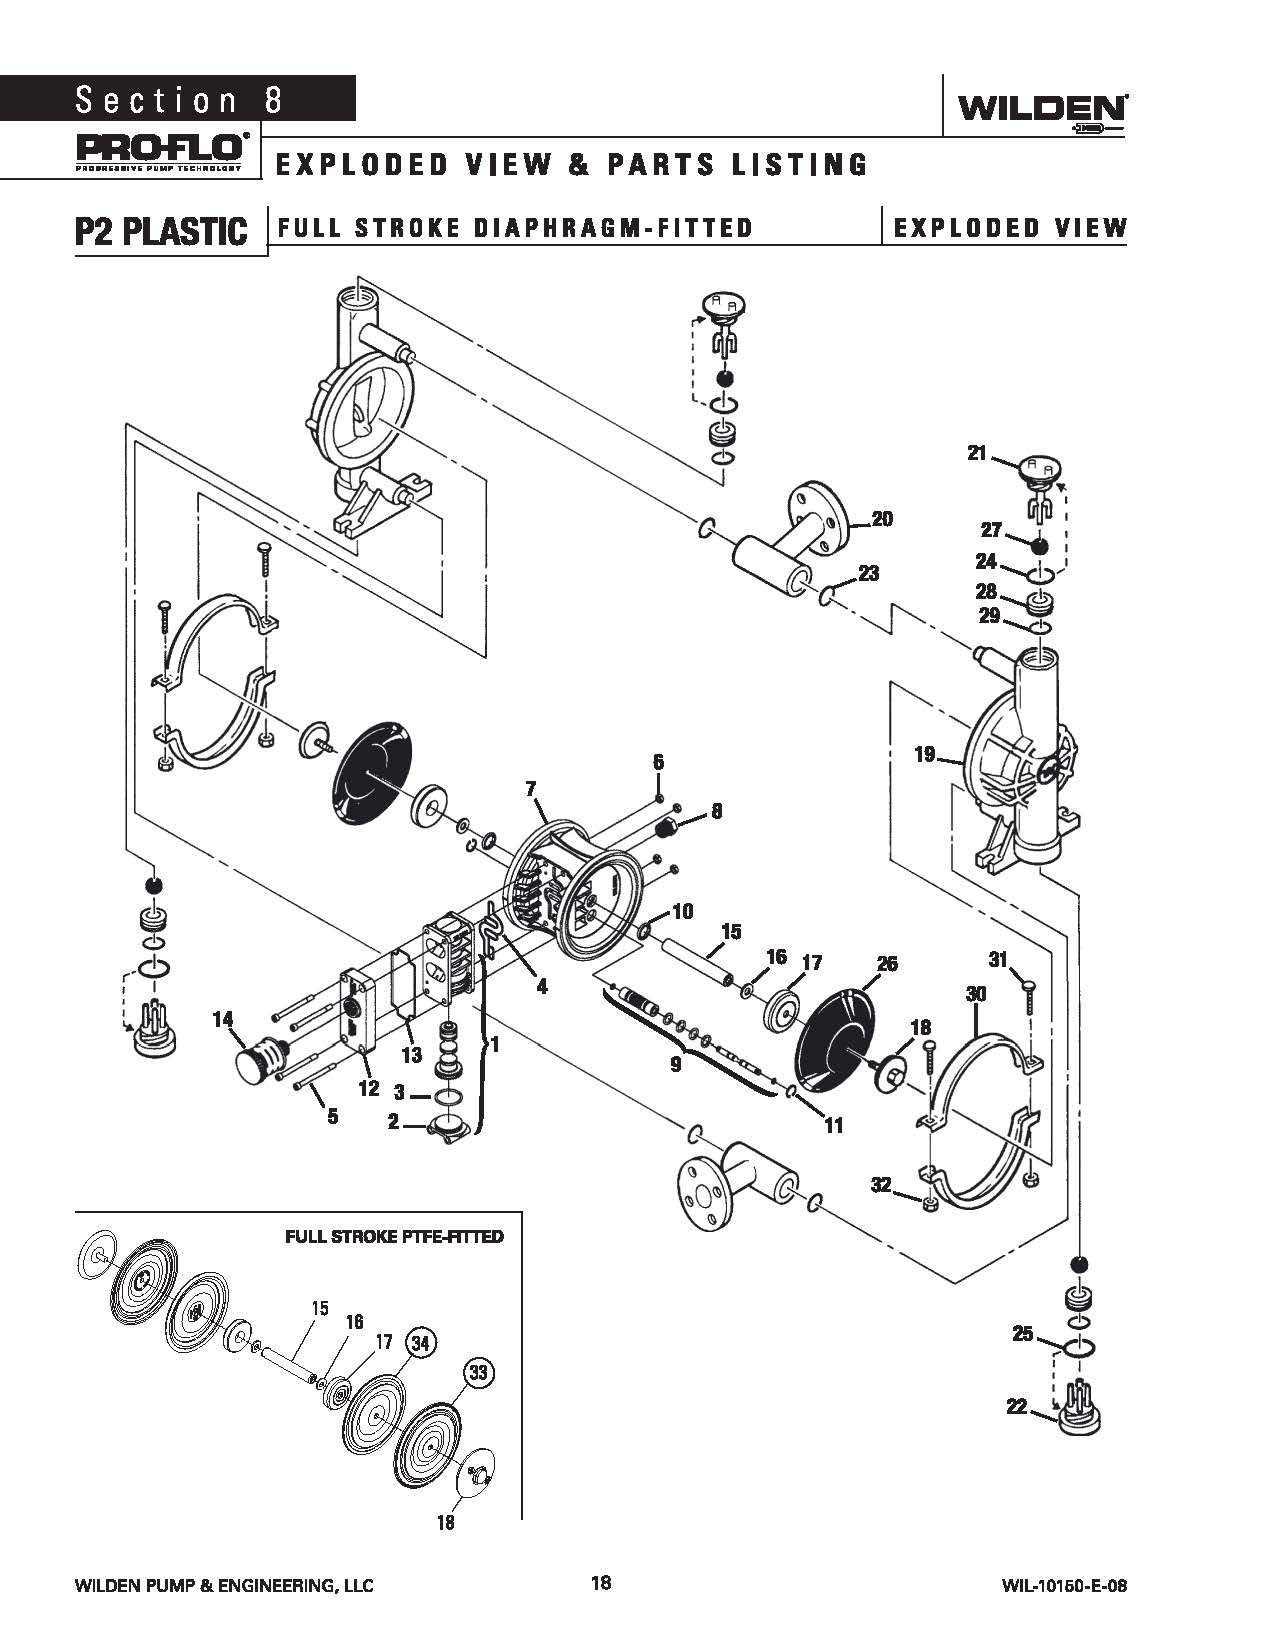 Jabsco Pump Parts Ohiiil00glwt7qbrm0gpsmoqcdjamfbd